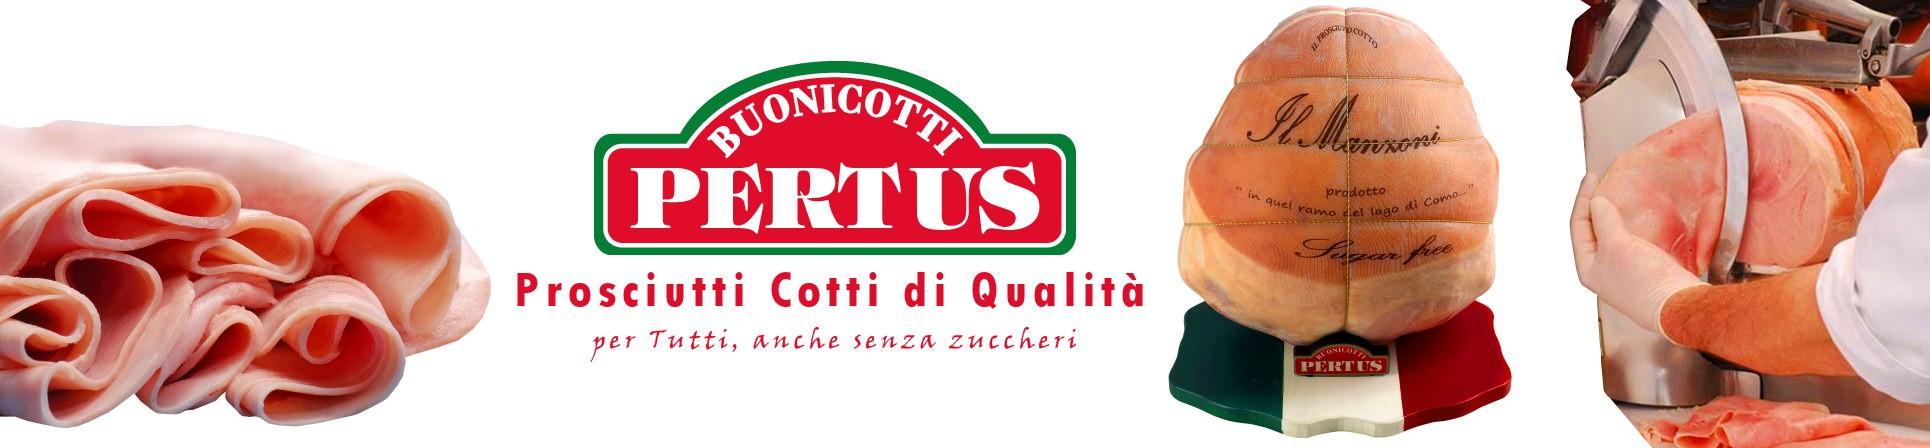 Prosciutto cotto artigianale vendita online - BUONICOTTI PERTUS